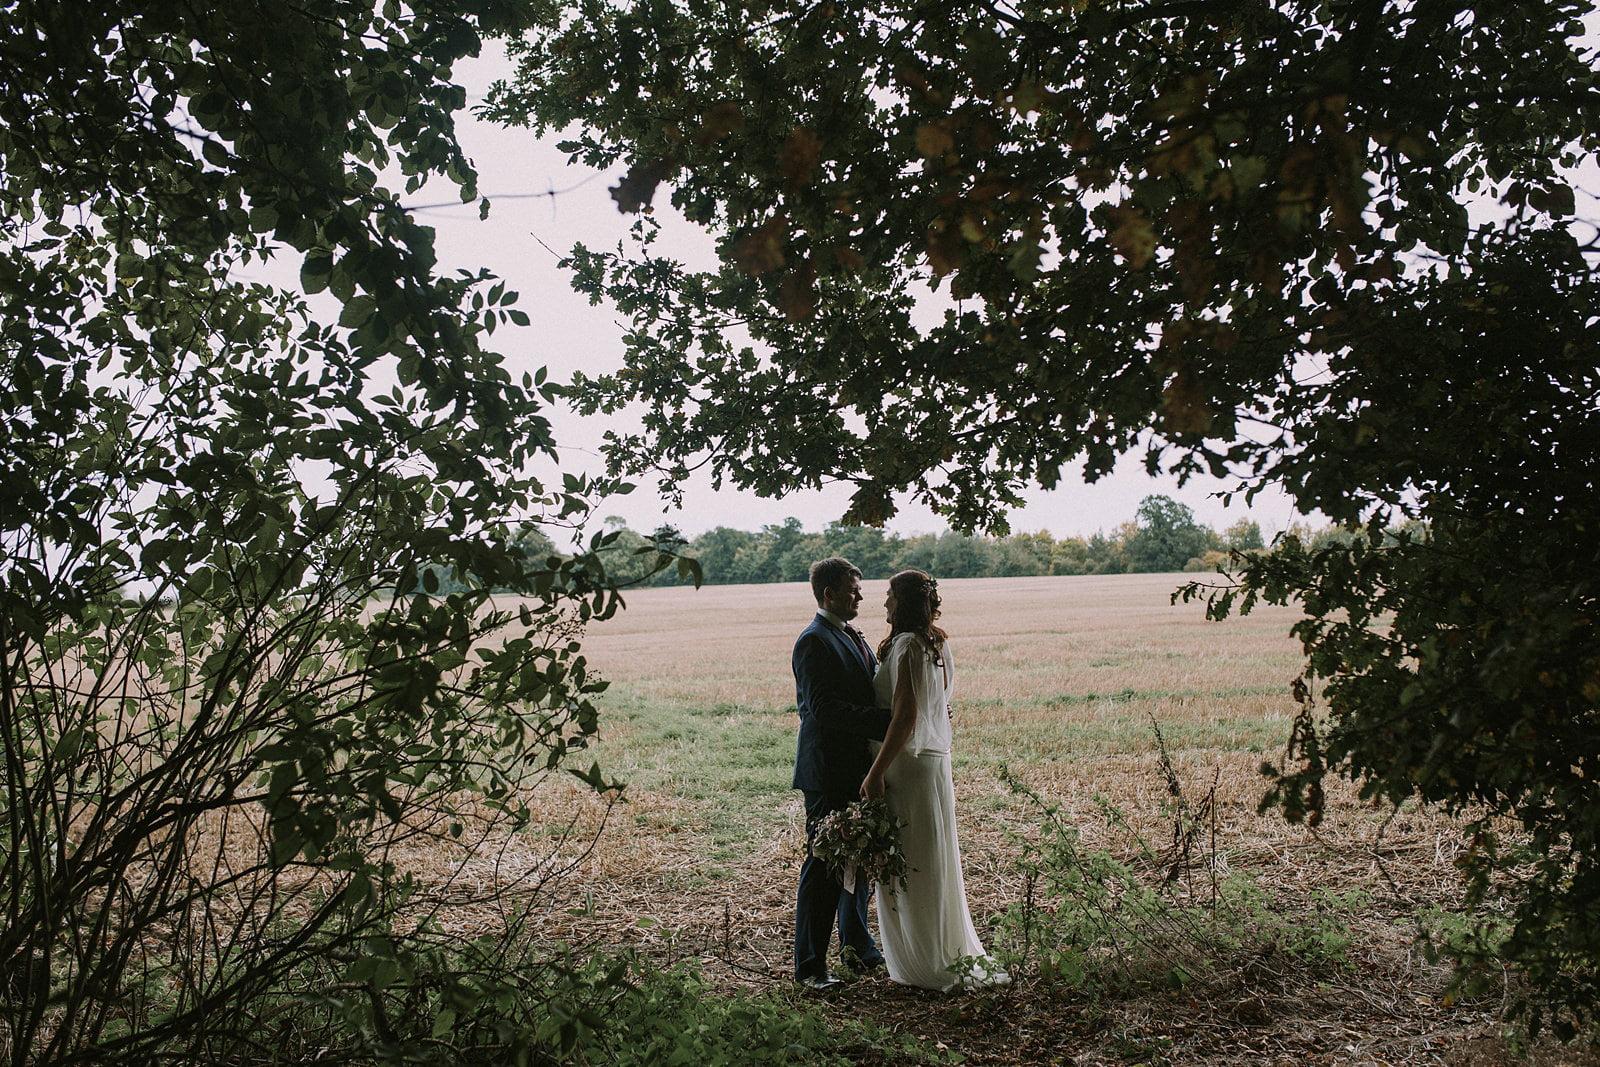 artistic wedding photos scotland